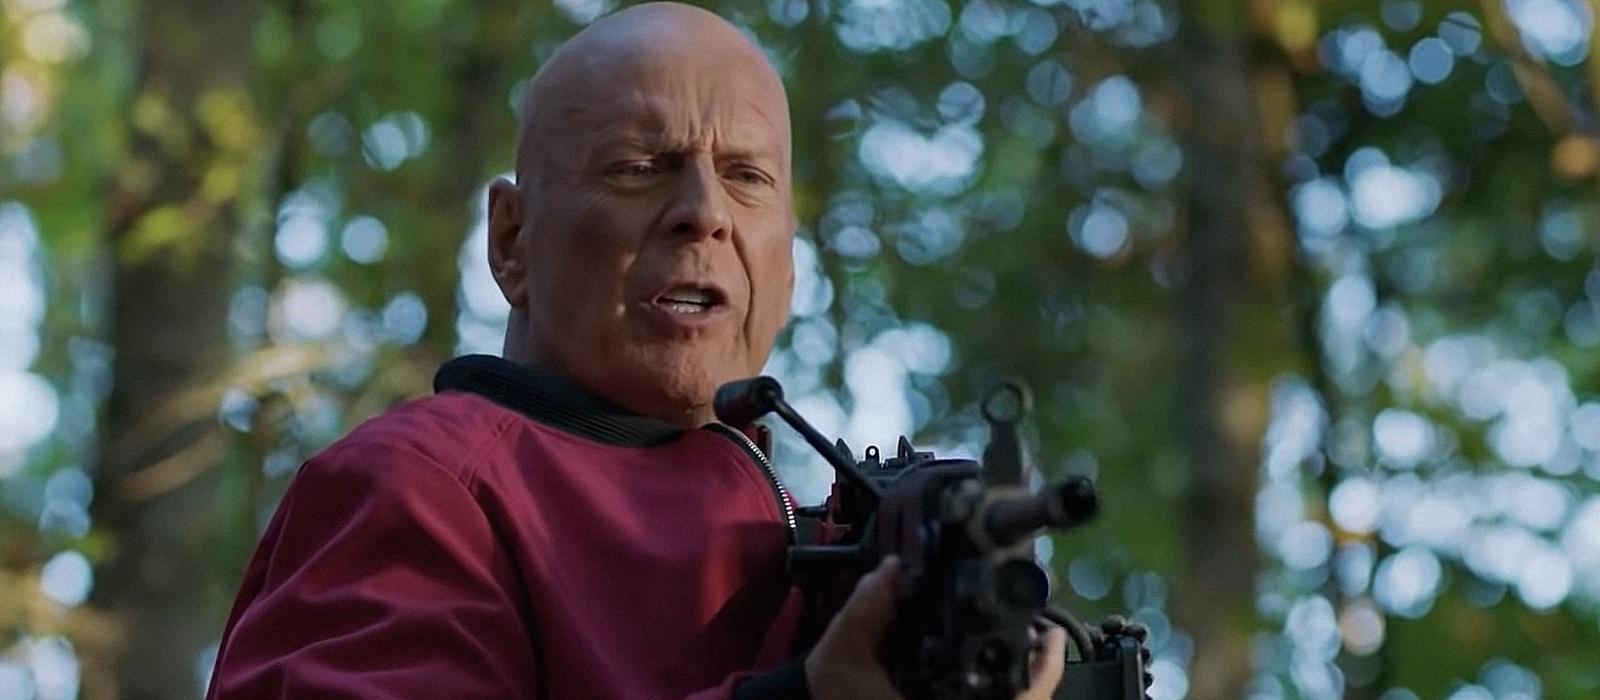 Das ist Apex Legends at Home: Bruce Willis spielt in einem neuen Science-Fiction-Film mit, in dem er gejagt wird